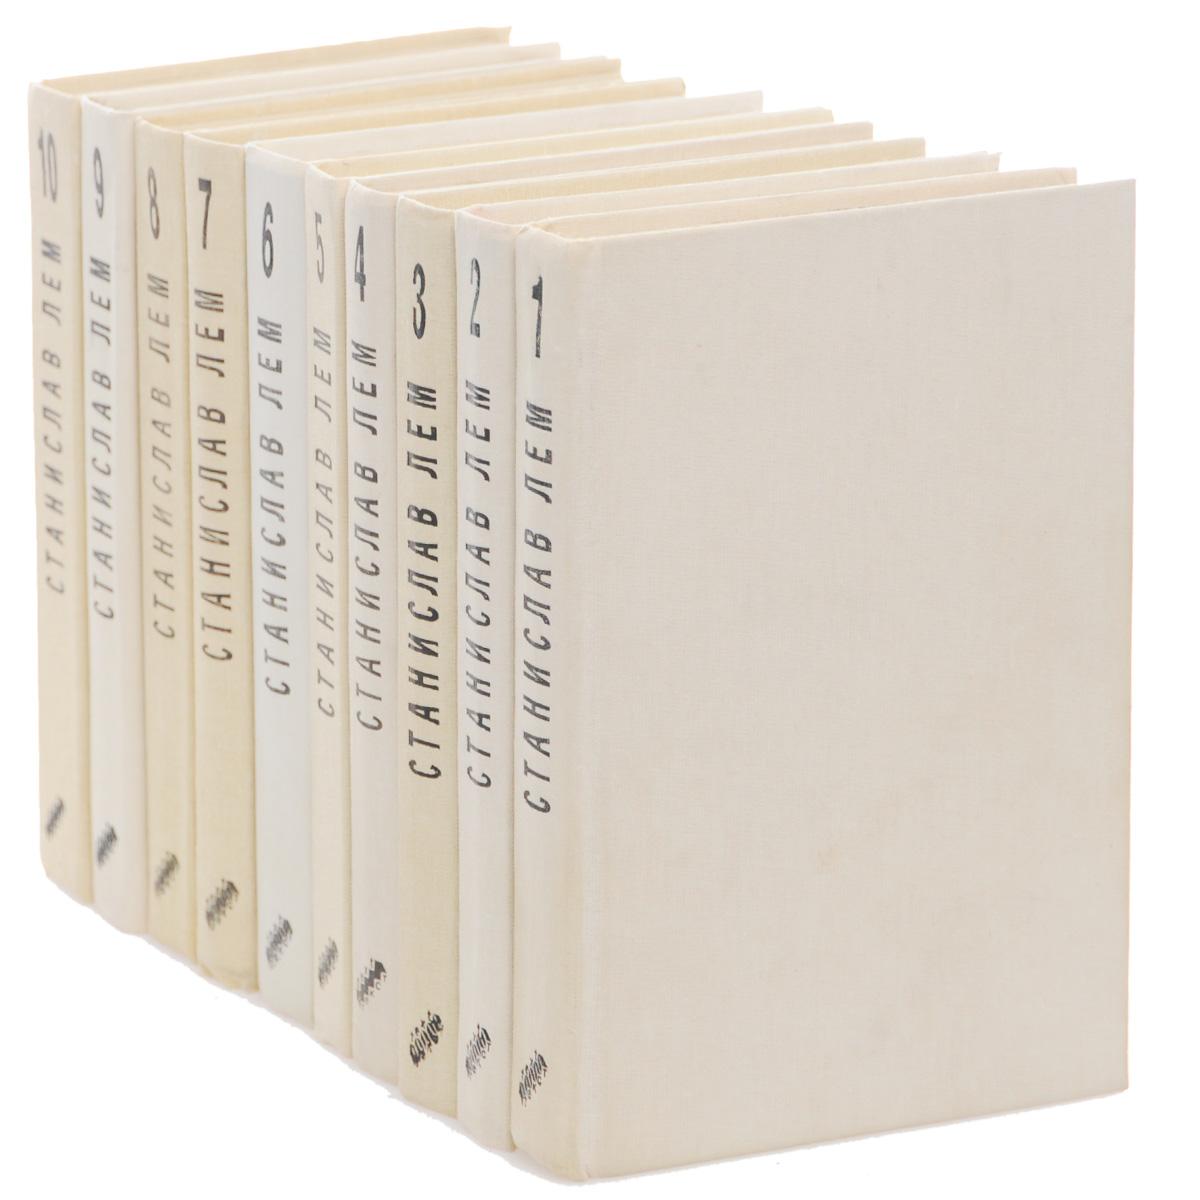 Станислав Лем Станислав Лем. Собрание сочинений в 10 томах (комплект из 10 книг)